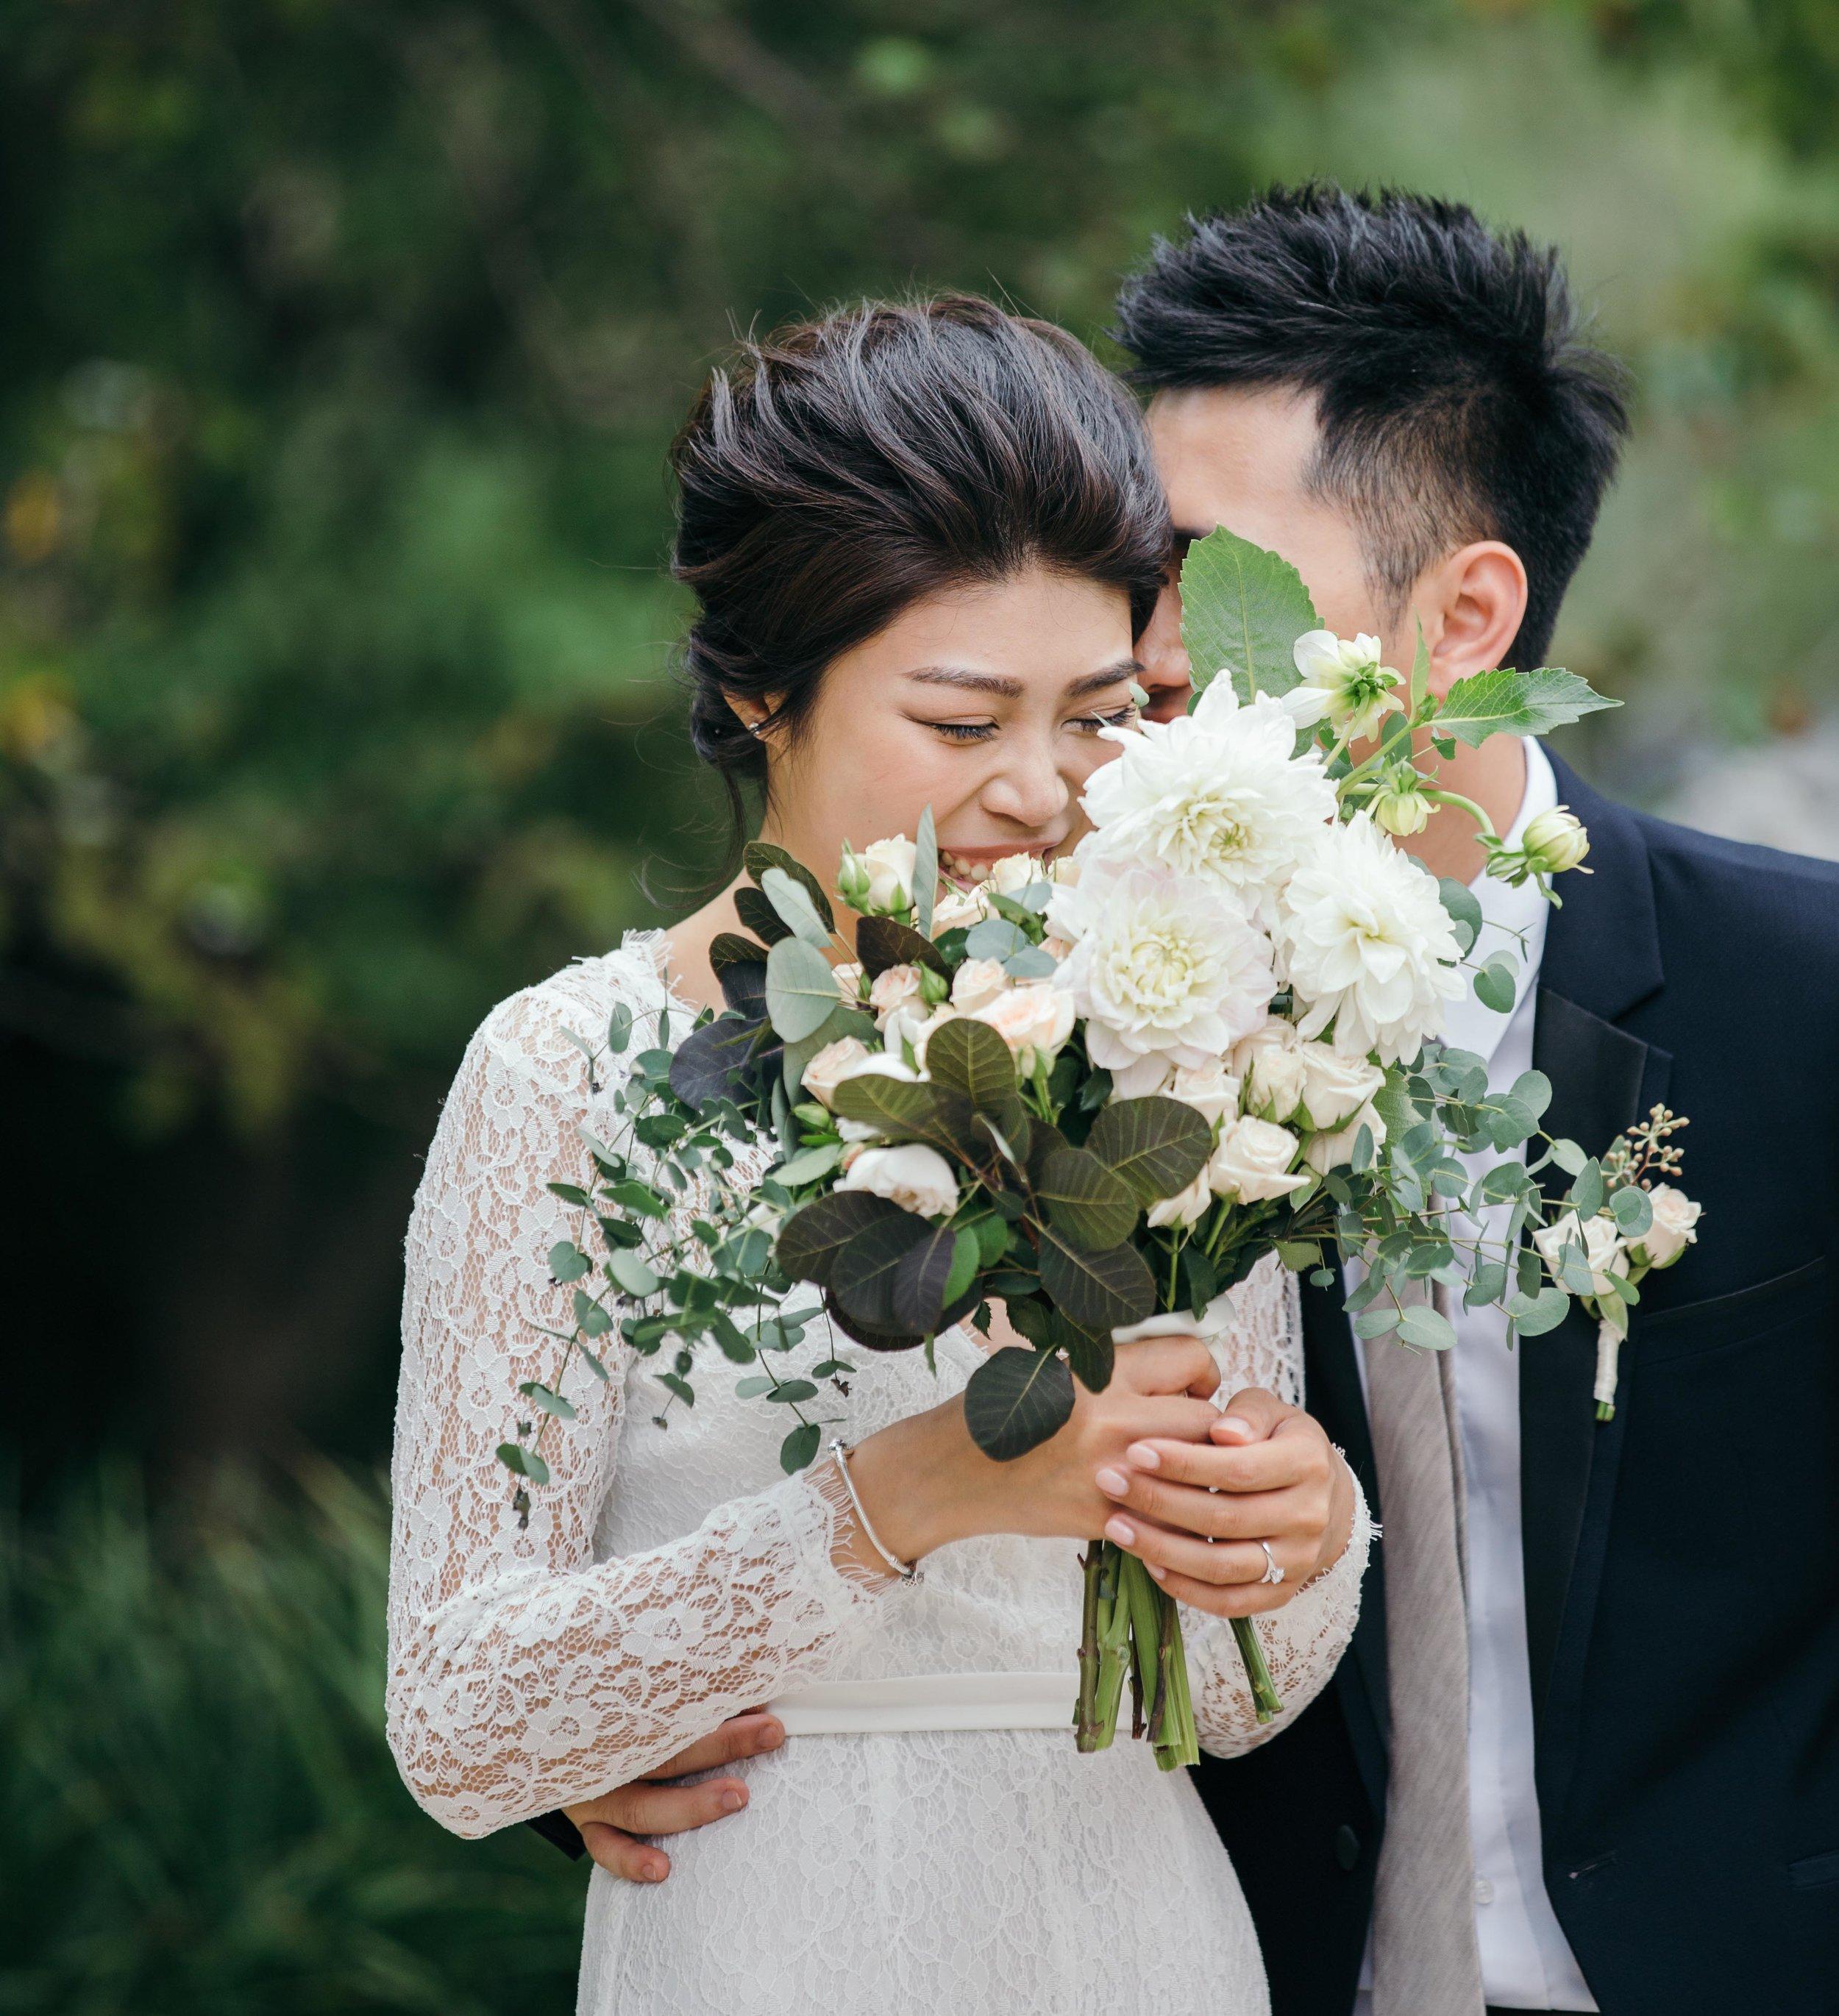 Annie & anthony's wedding -